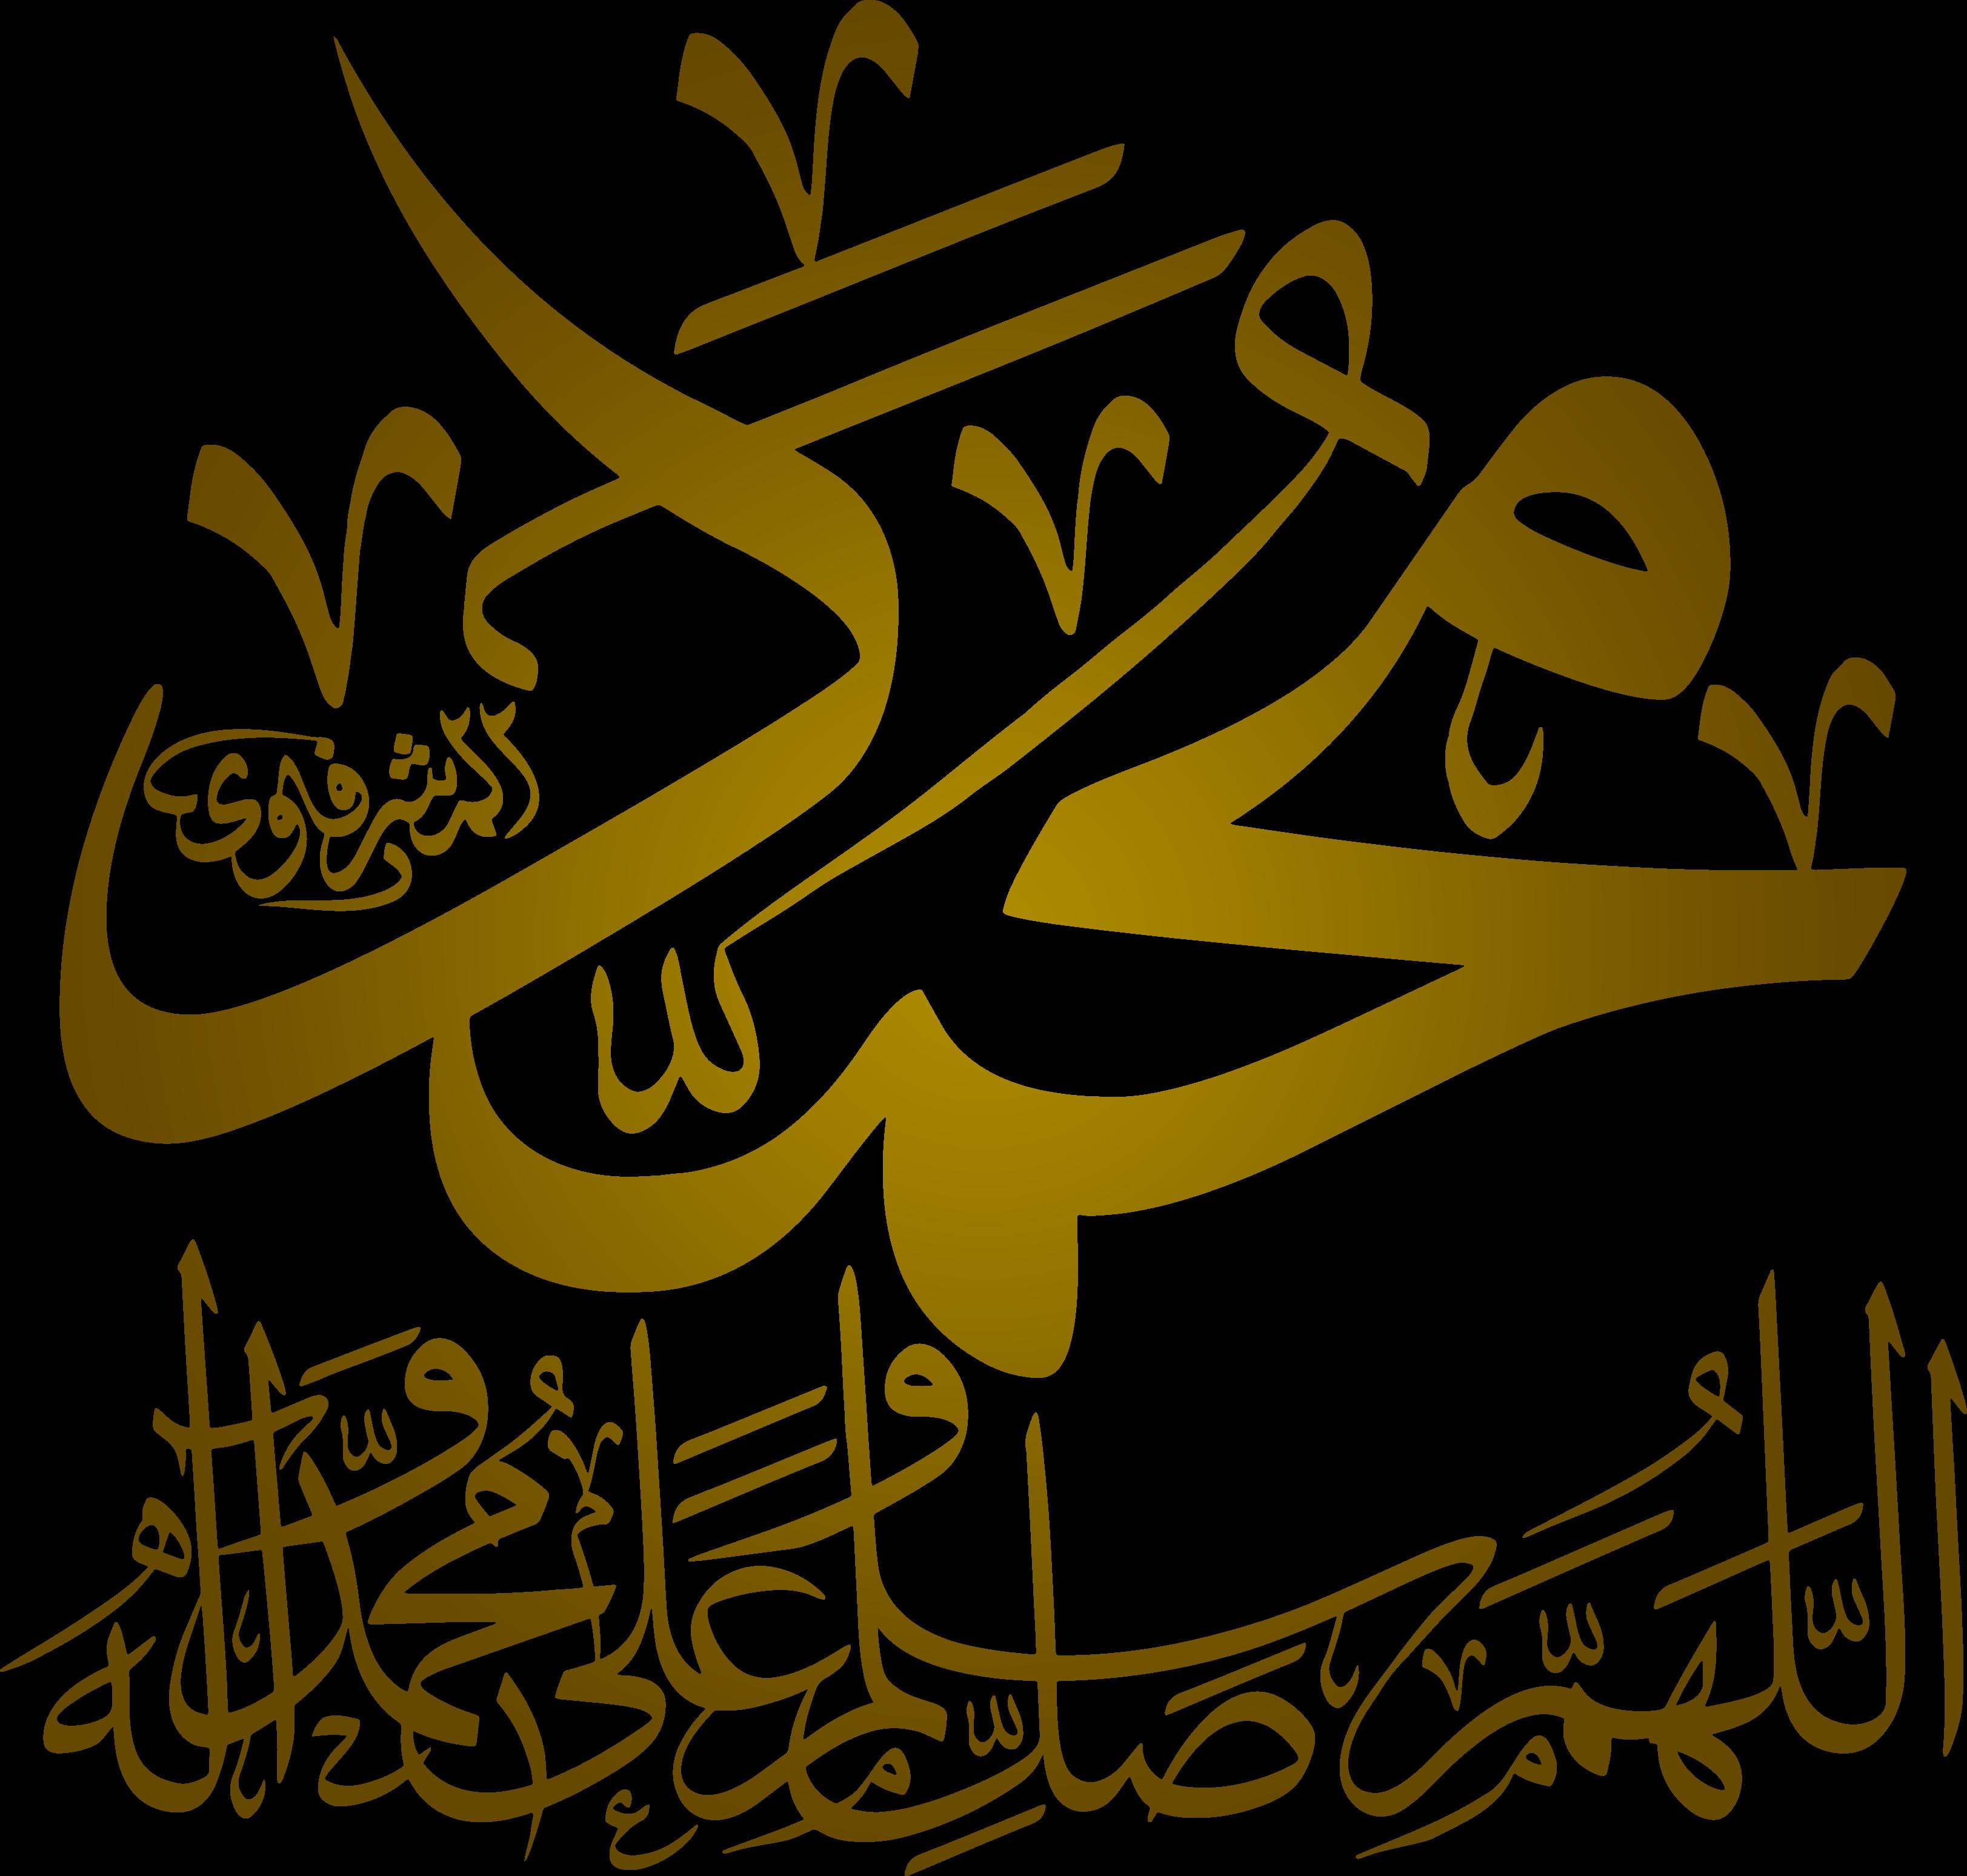 مخطوطة اللهم صل على محمد